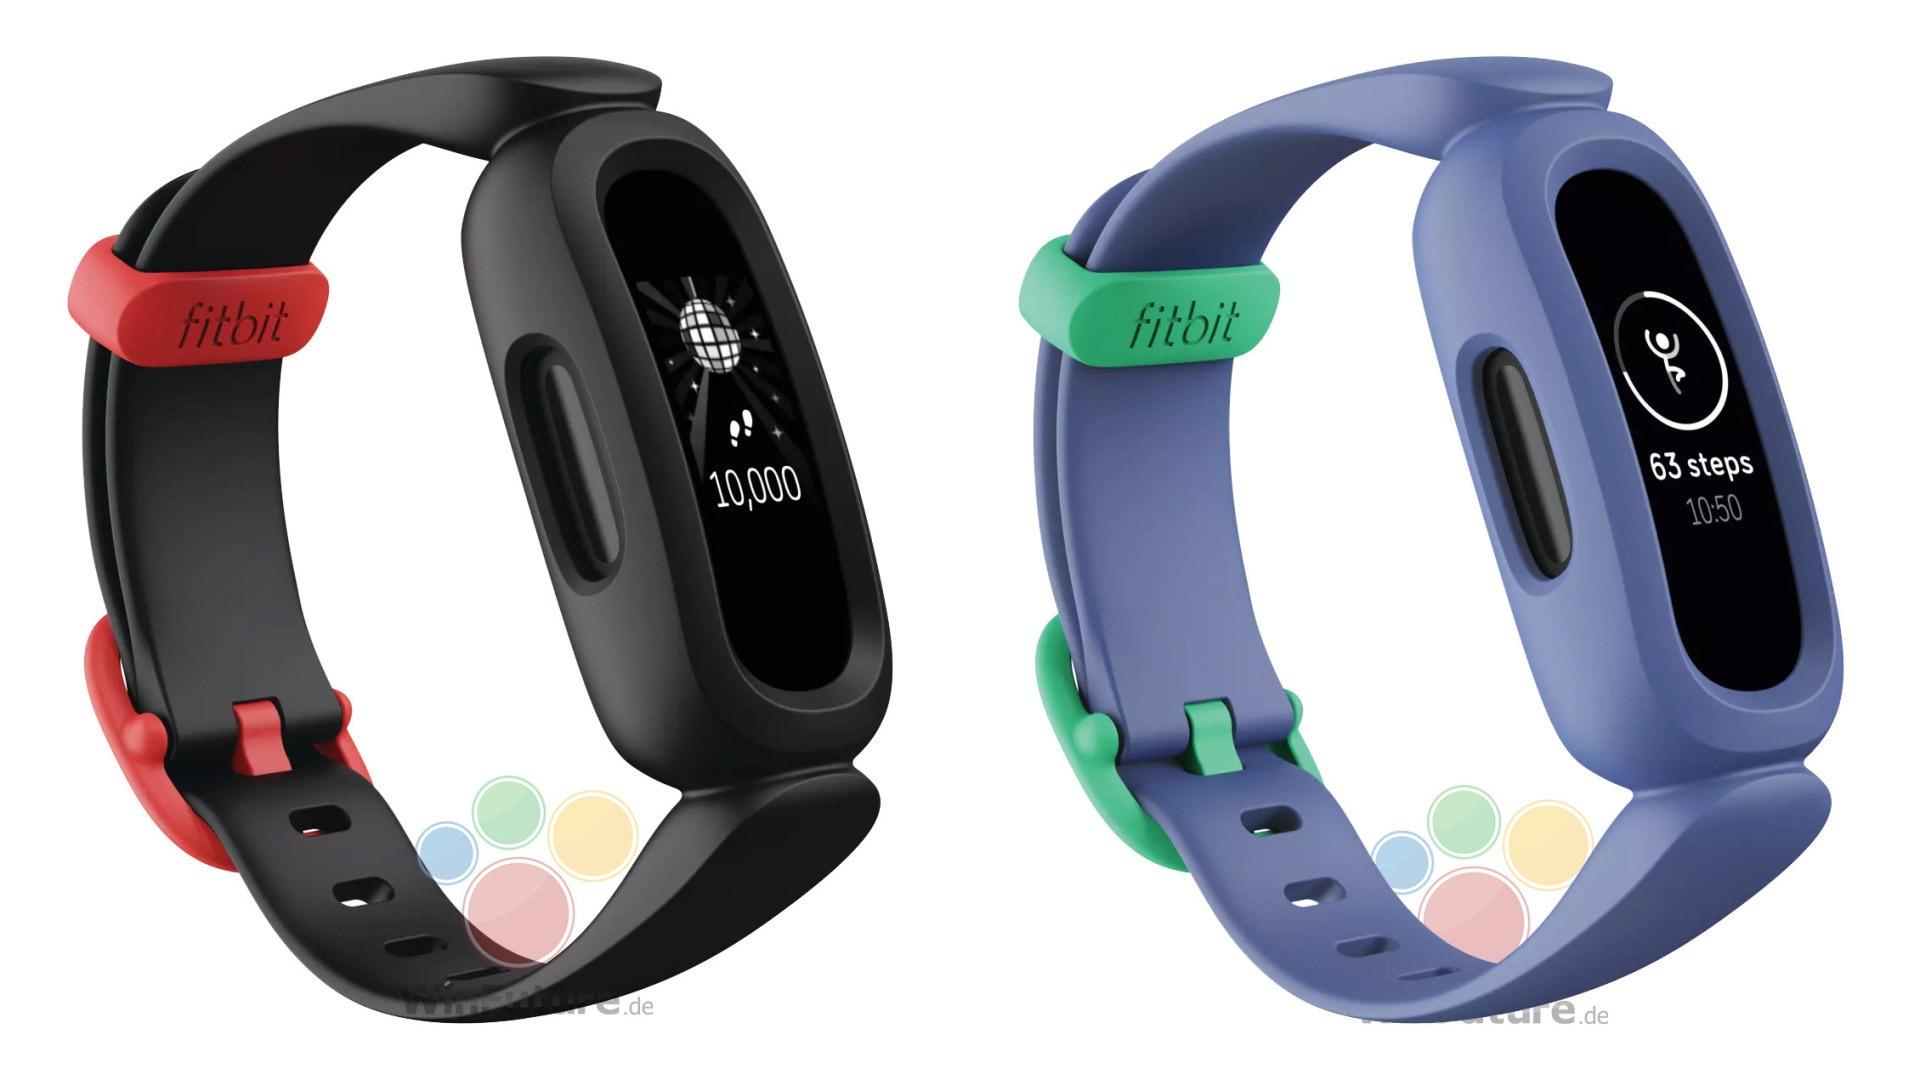 Fitbit przygotowuje smartband dla dzieci. Wiadomo już, jak będzie wyglądać Ace 3